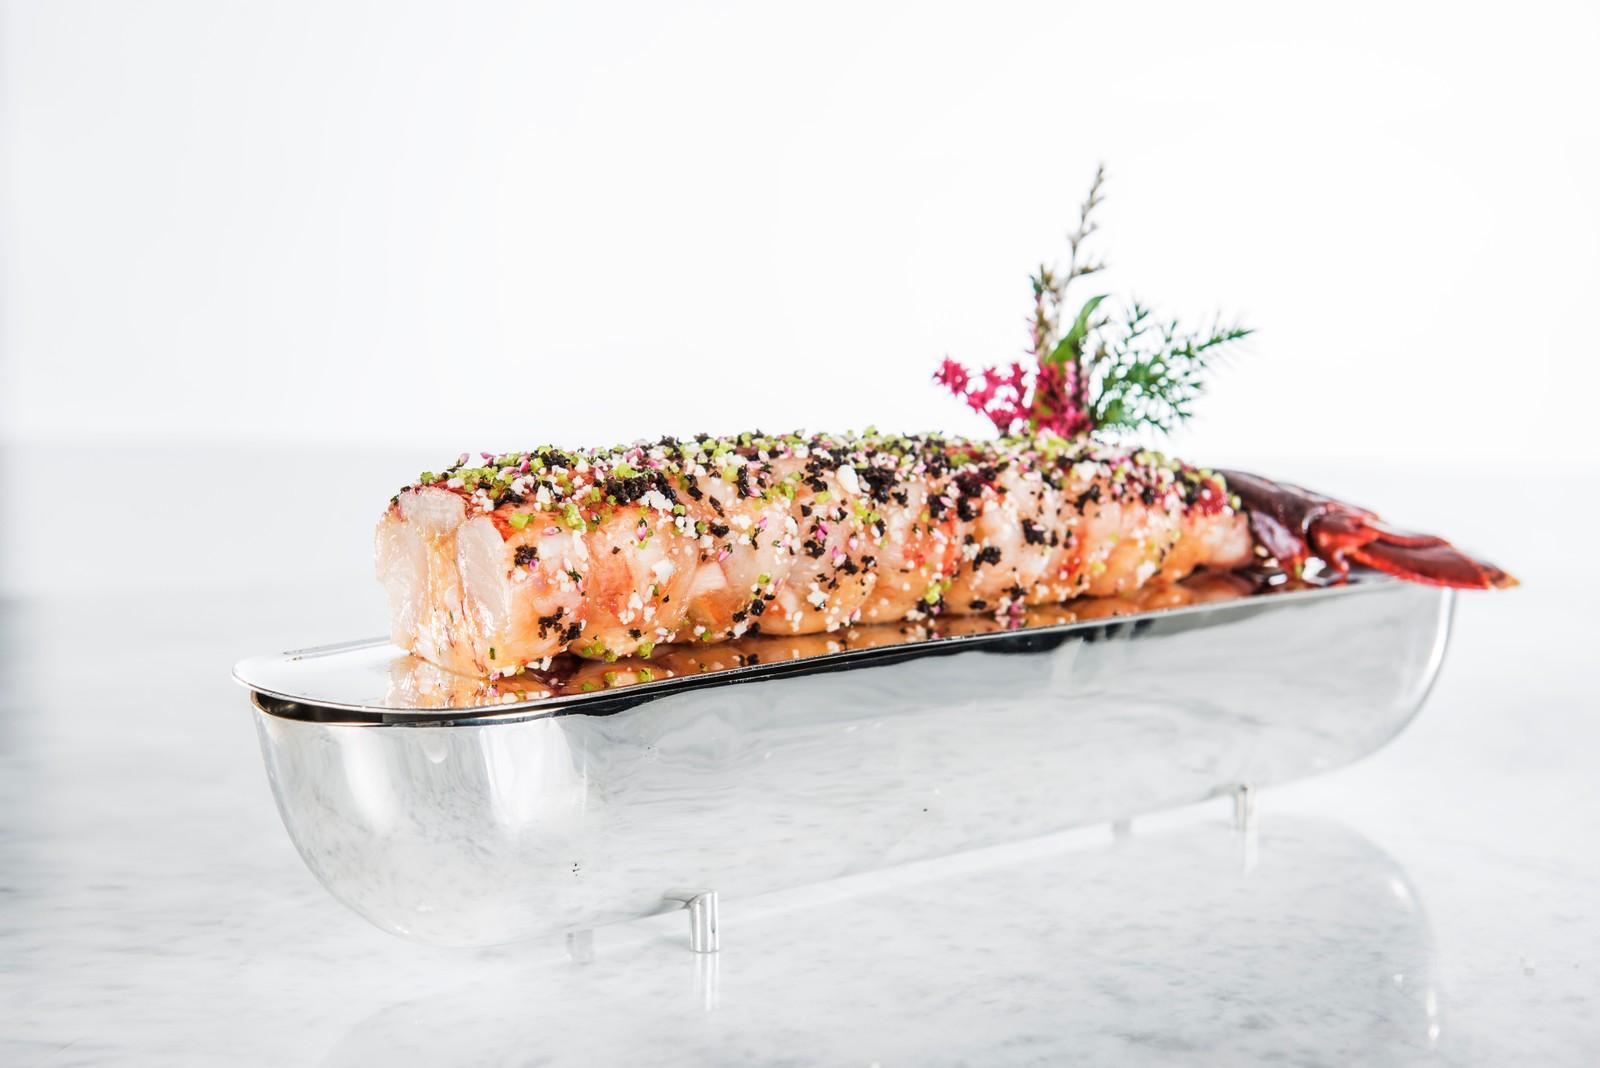 Posjert hummerhale «a la Norvegienne» med estragon og fennikelfrø (Hummar- og kylling-tallerken)